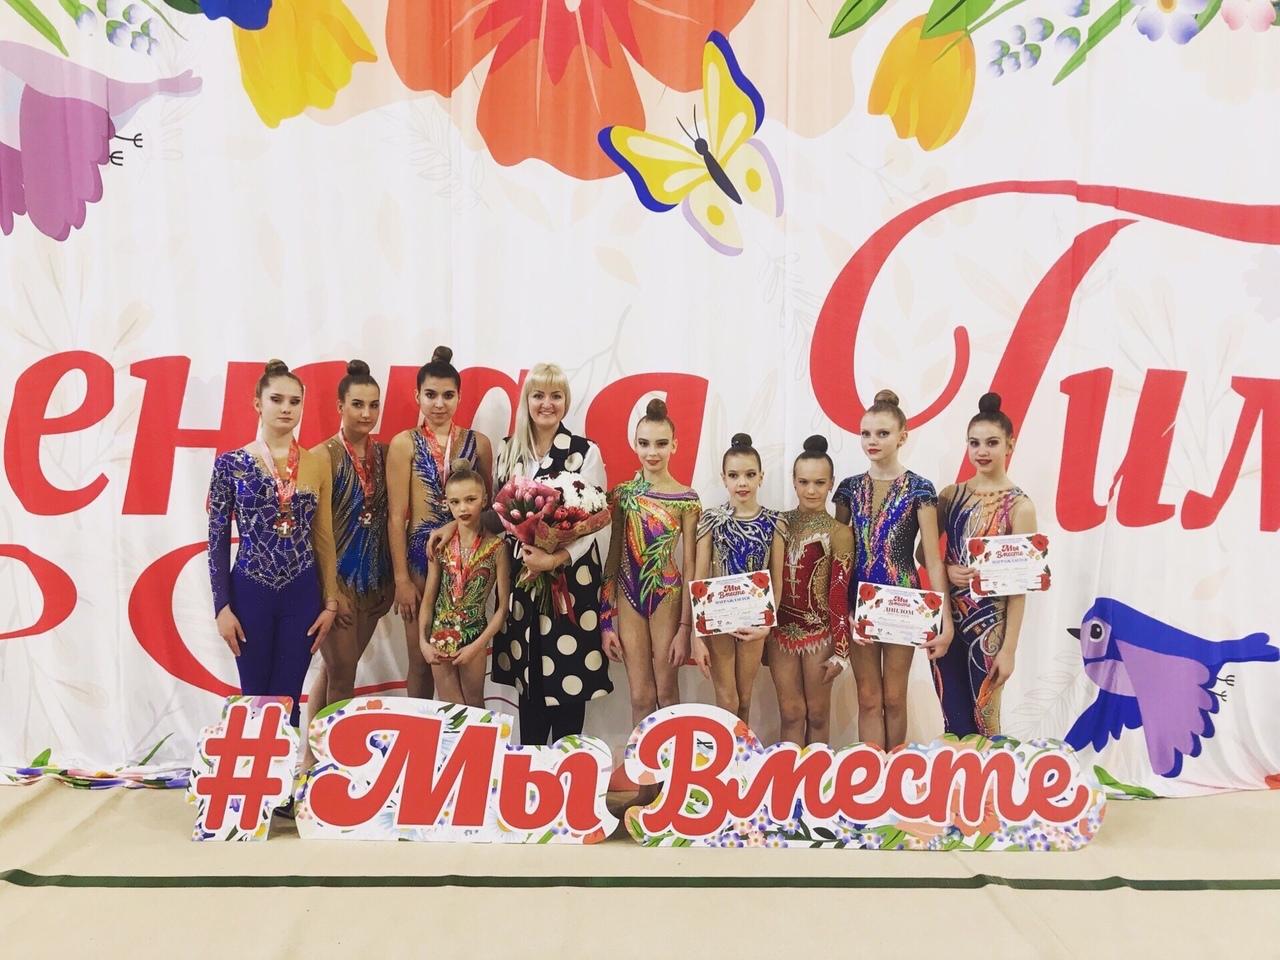 22 февраля в ДС «Борисоглебский» города Раменское прошёл благотворительный турнир Московской области в помощь детям с онкологическими заболеваниями.